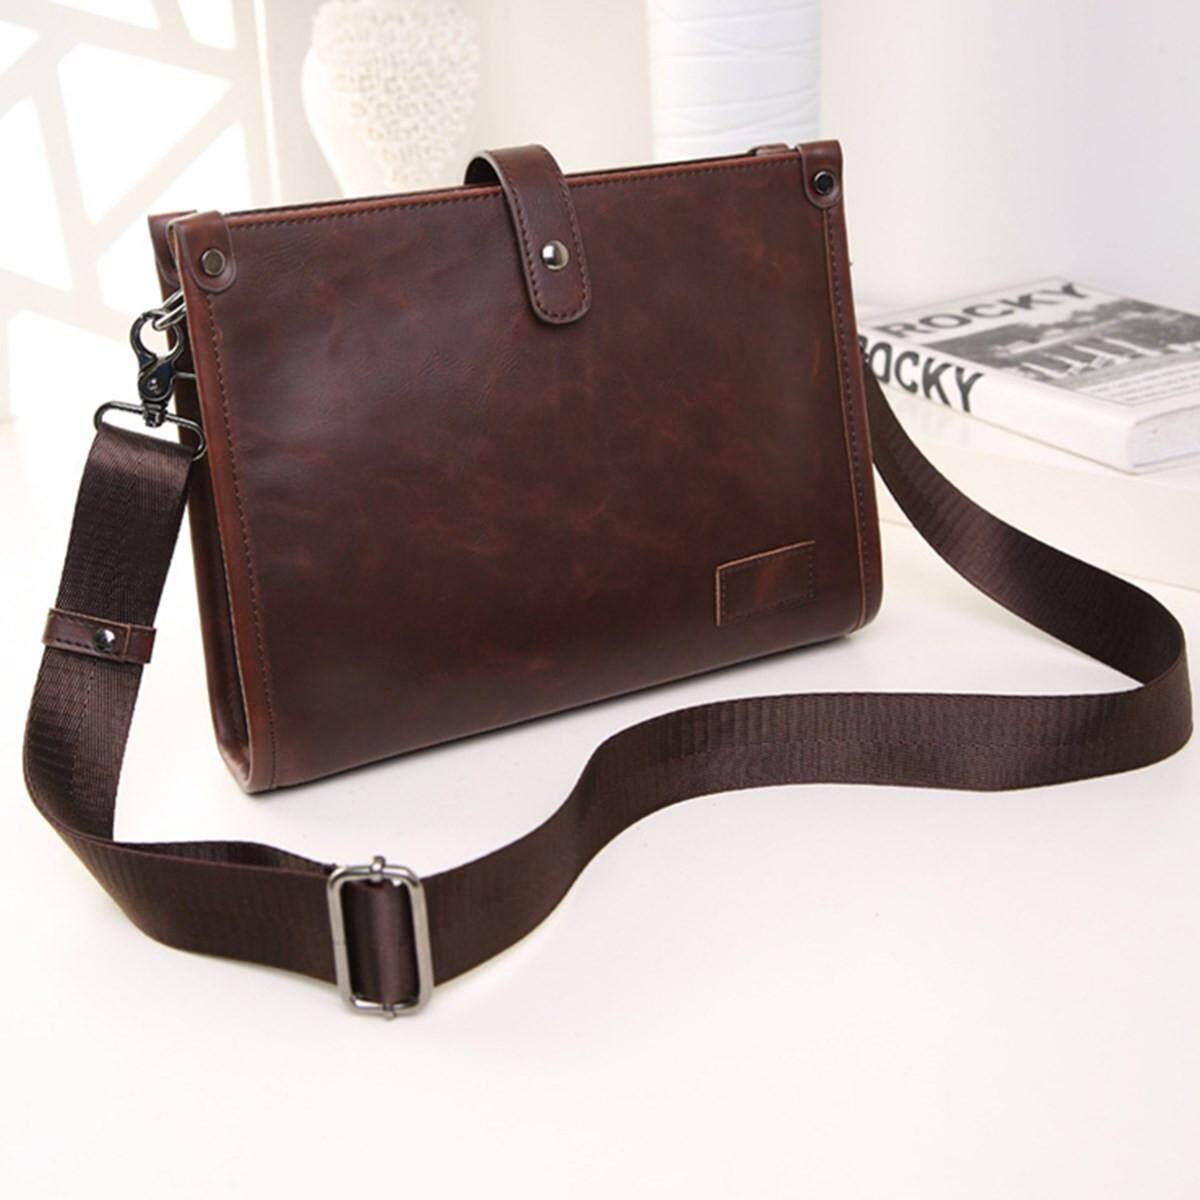 Fashion Men's Leather Business Briefcase Shoulder Bag Handbag Business Messenger Brown